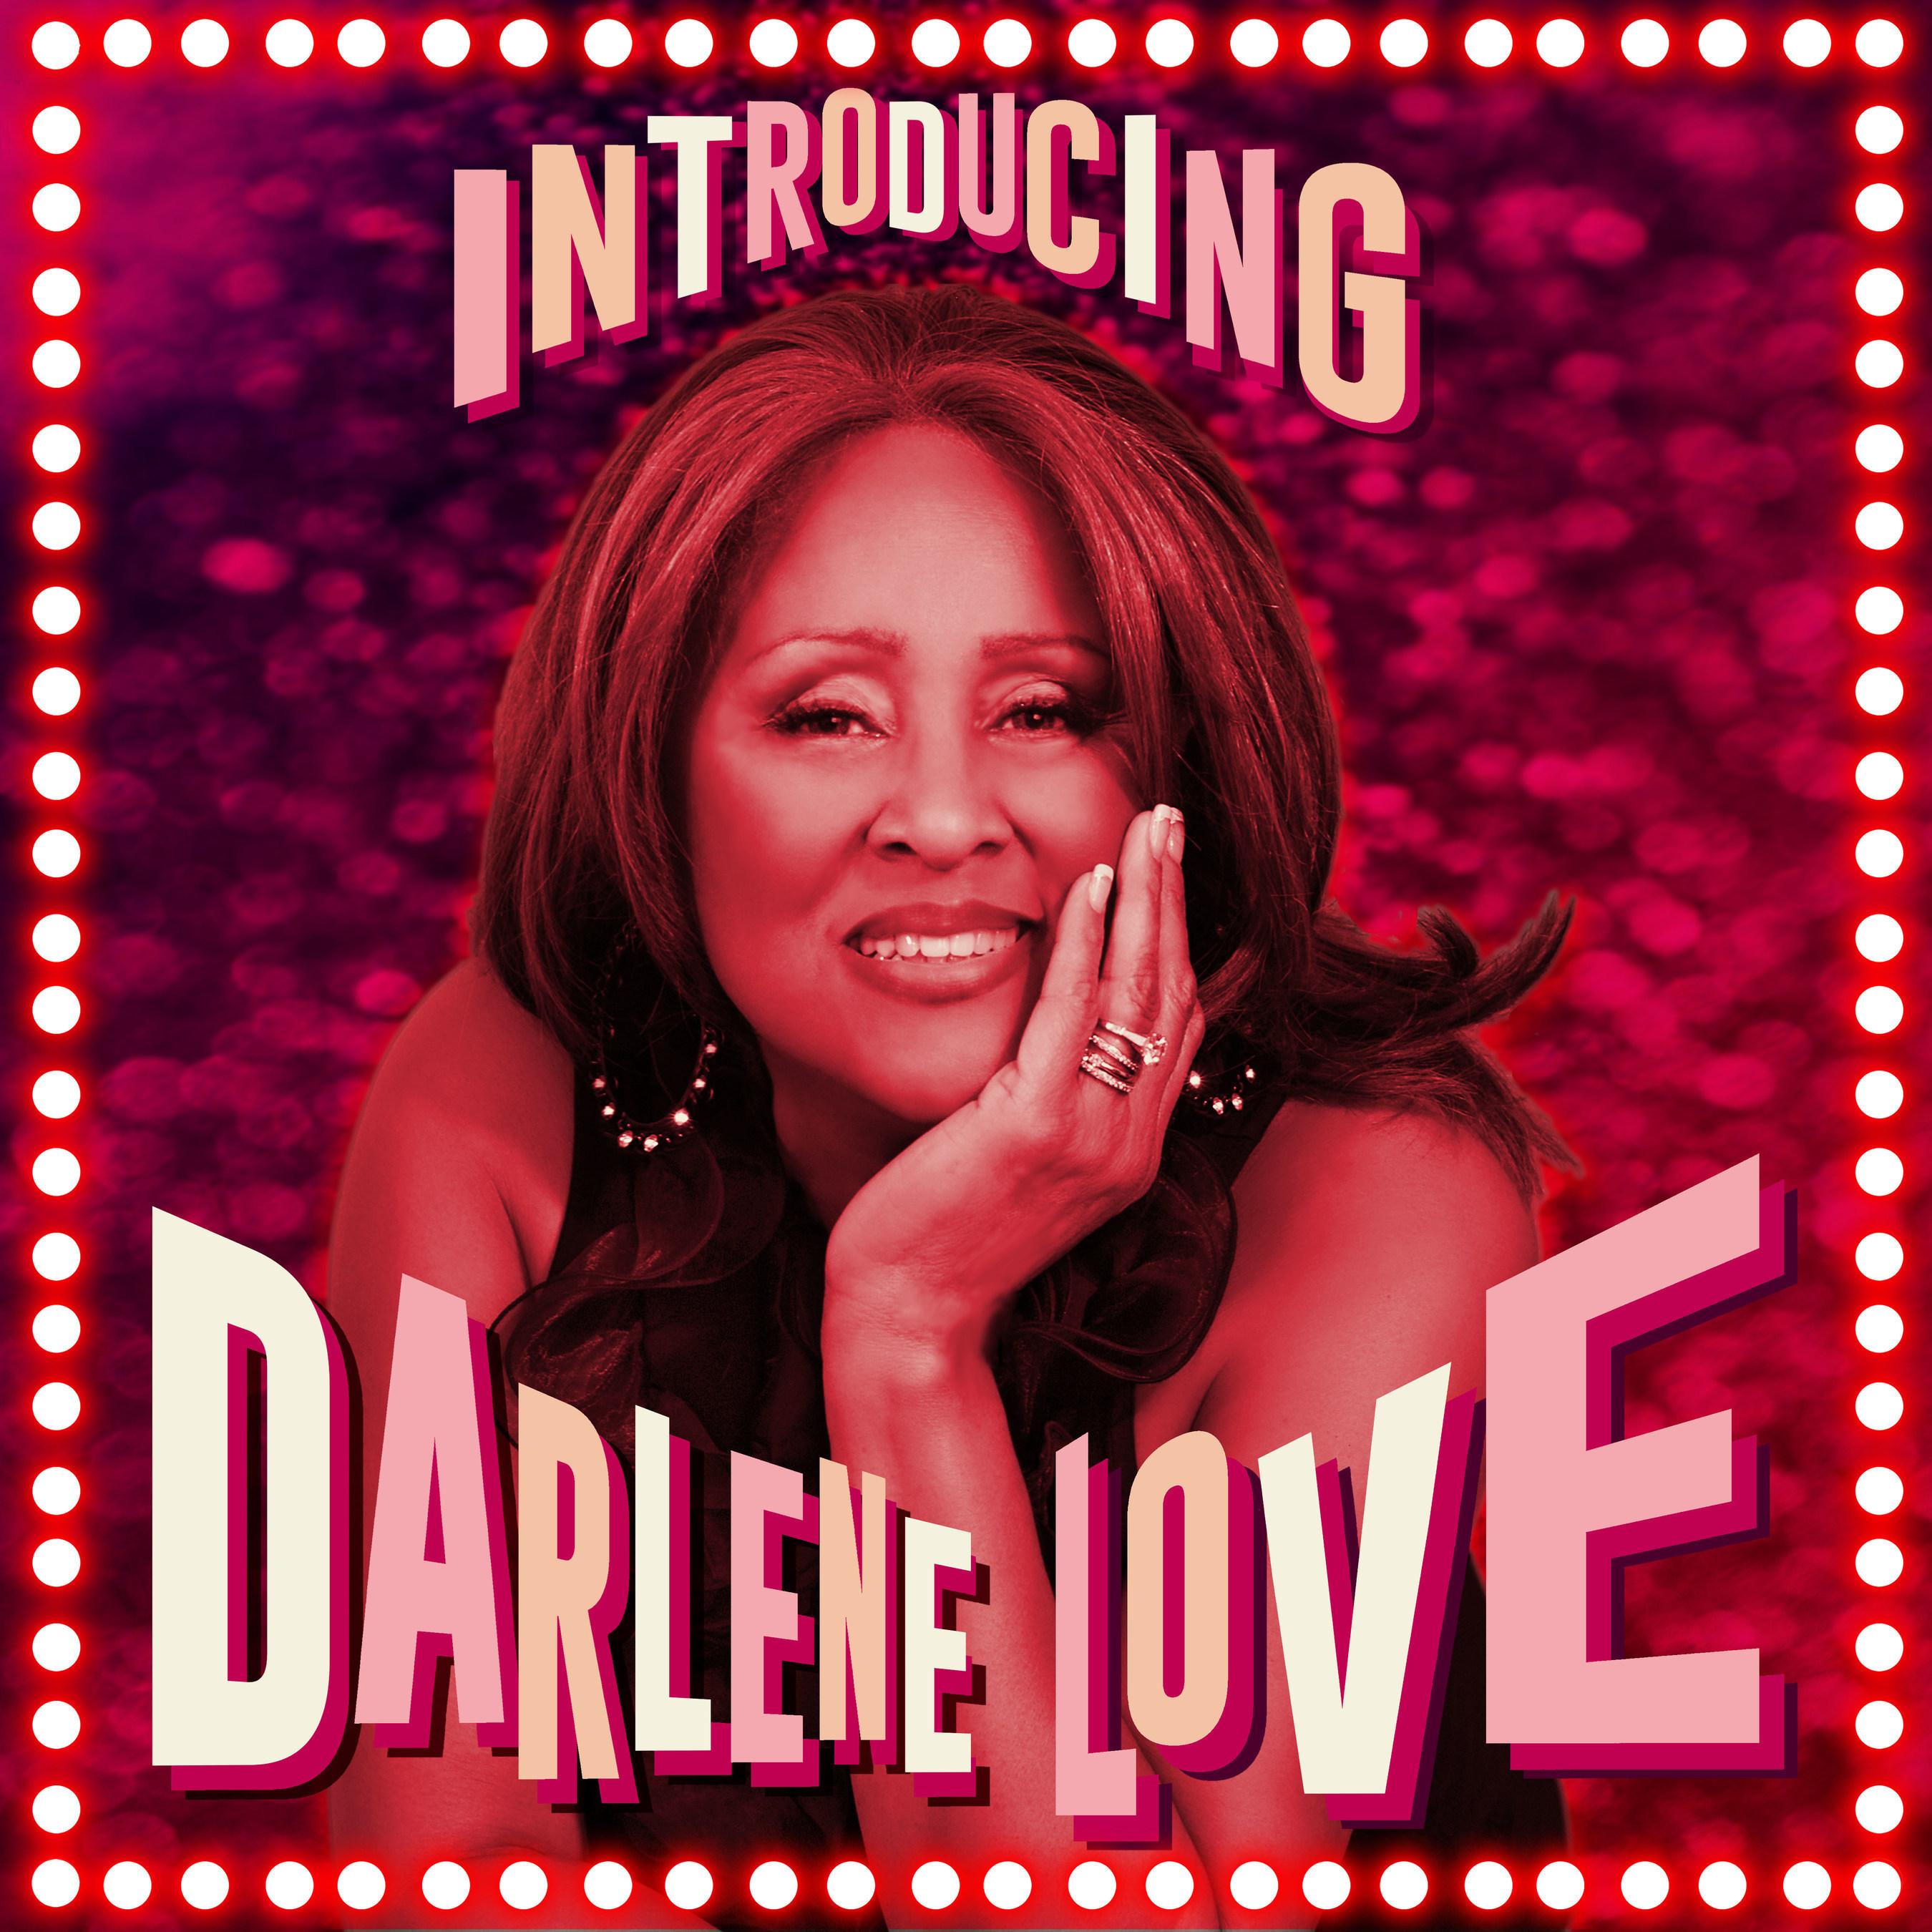 Long Awaited New Darlene Love Album 'Introducing Darlene Love' Available September 18